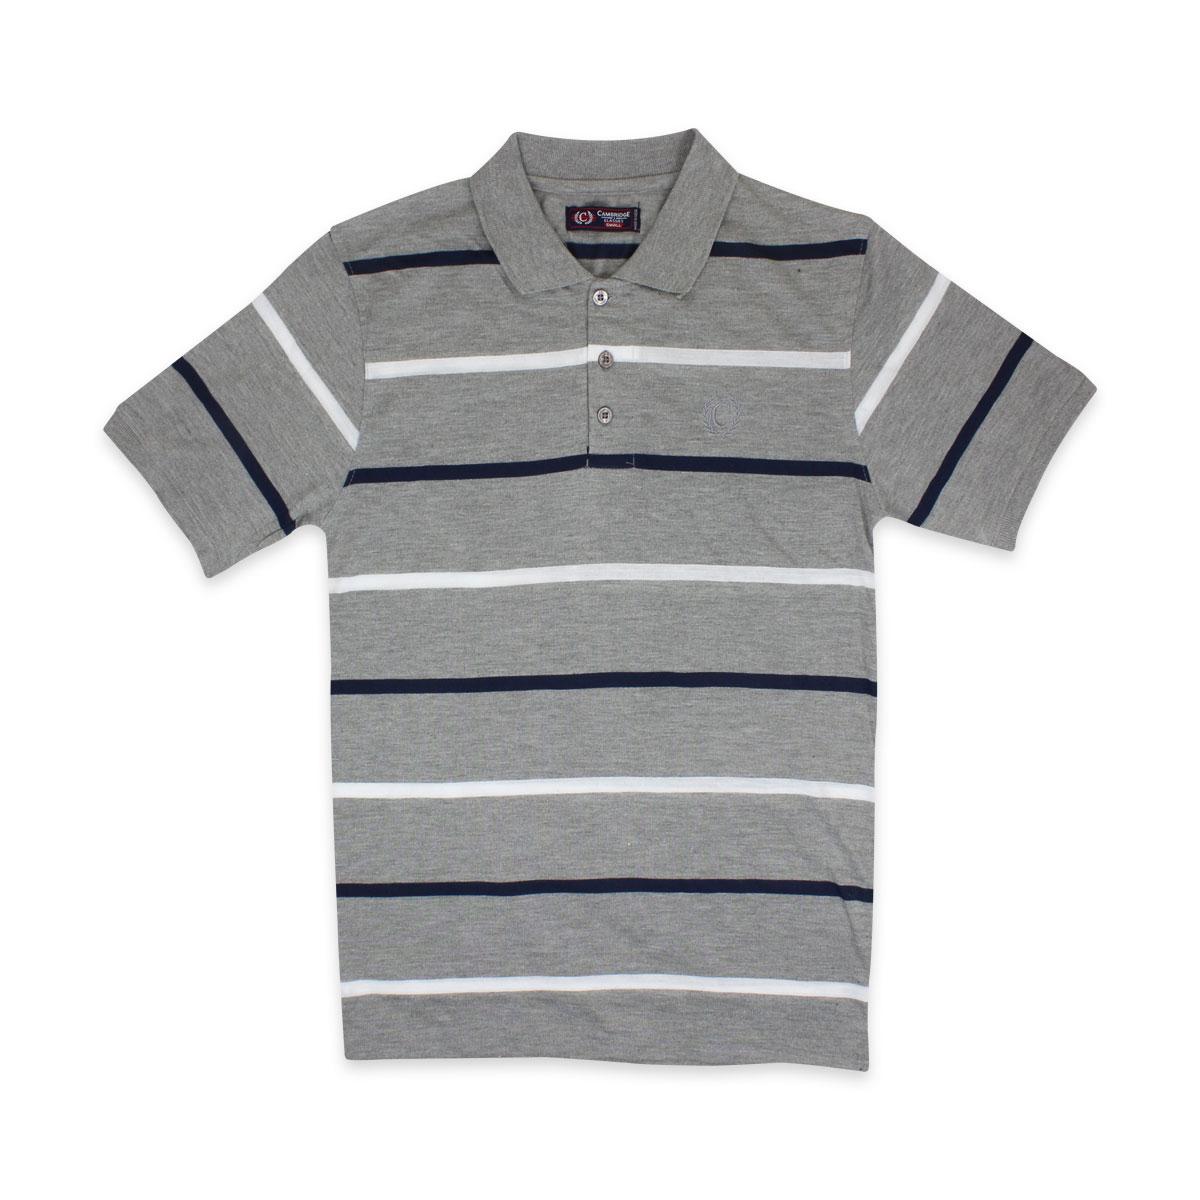 Camisas-Polo-Para-Hombre-A-Rayas-Pique-Con-Cuello-camiseta-Camiseta-Manga-Corta-De-Verano-S-M-L-XL miniatura 40